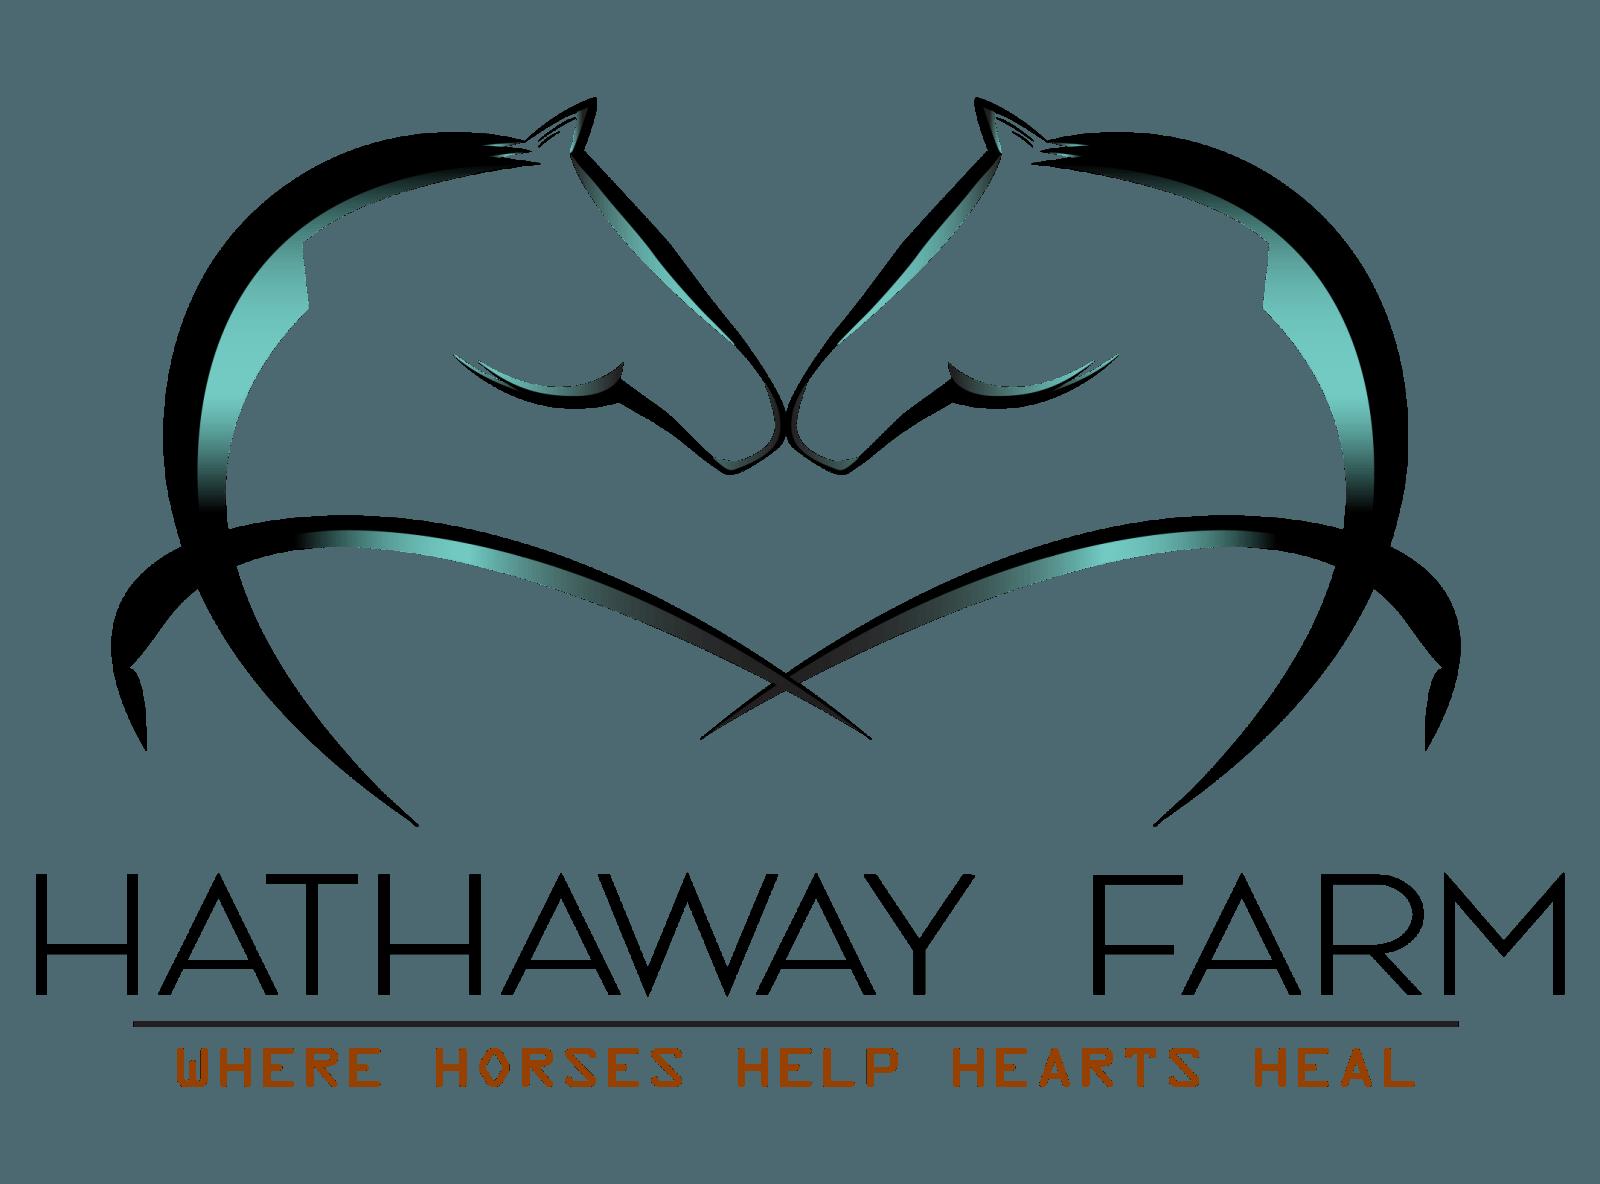 Hathaway Farm